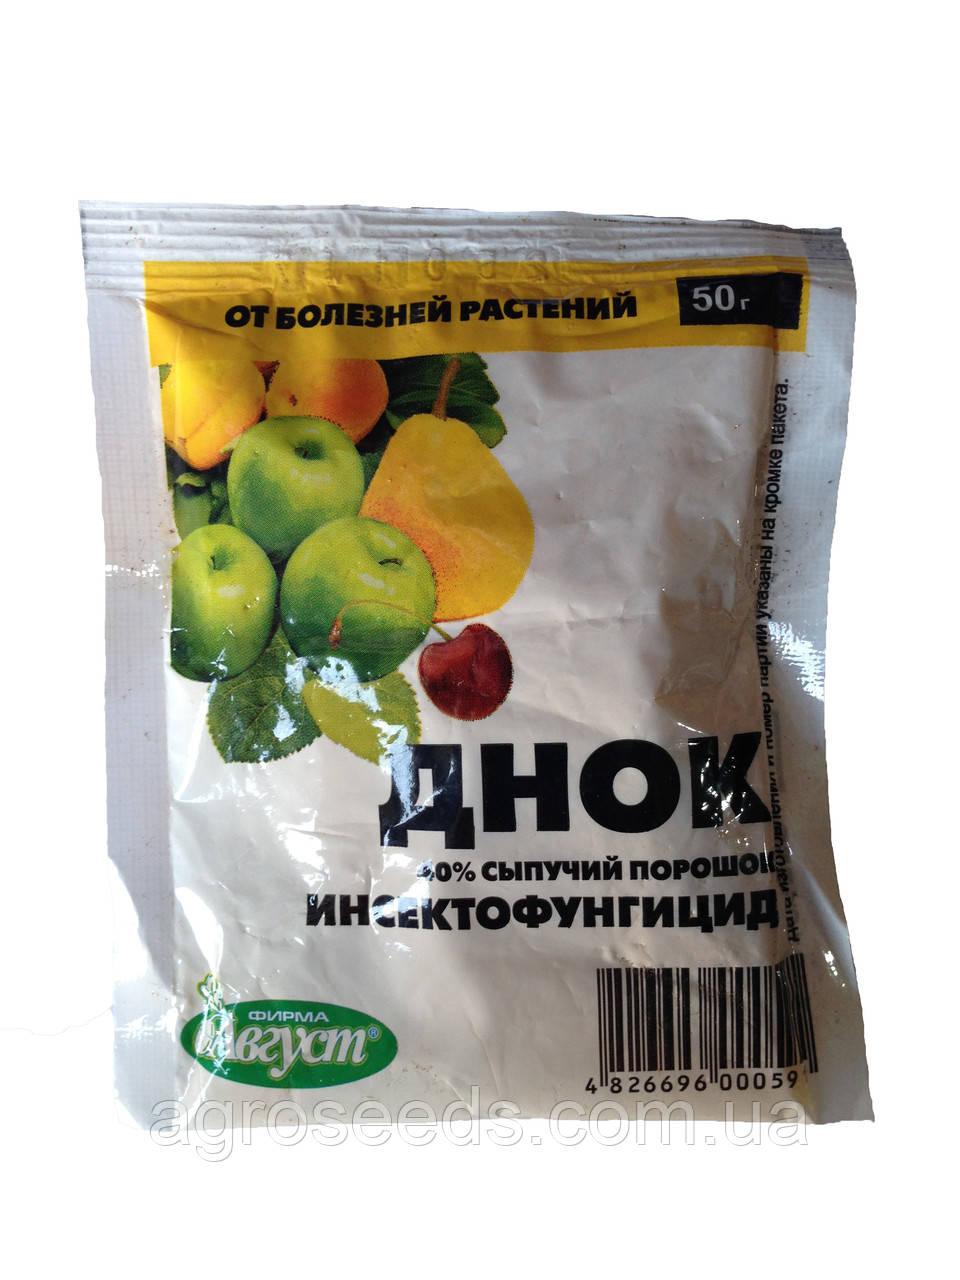 Инсектицид Днок 50 г (дешевый)